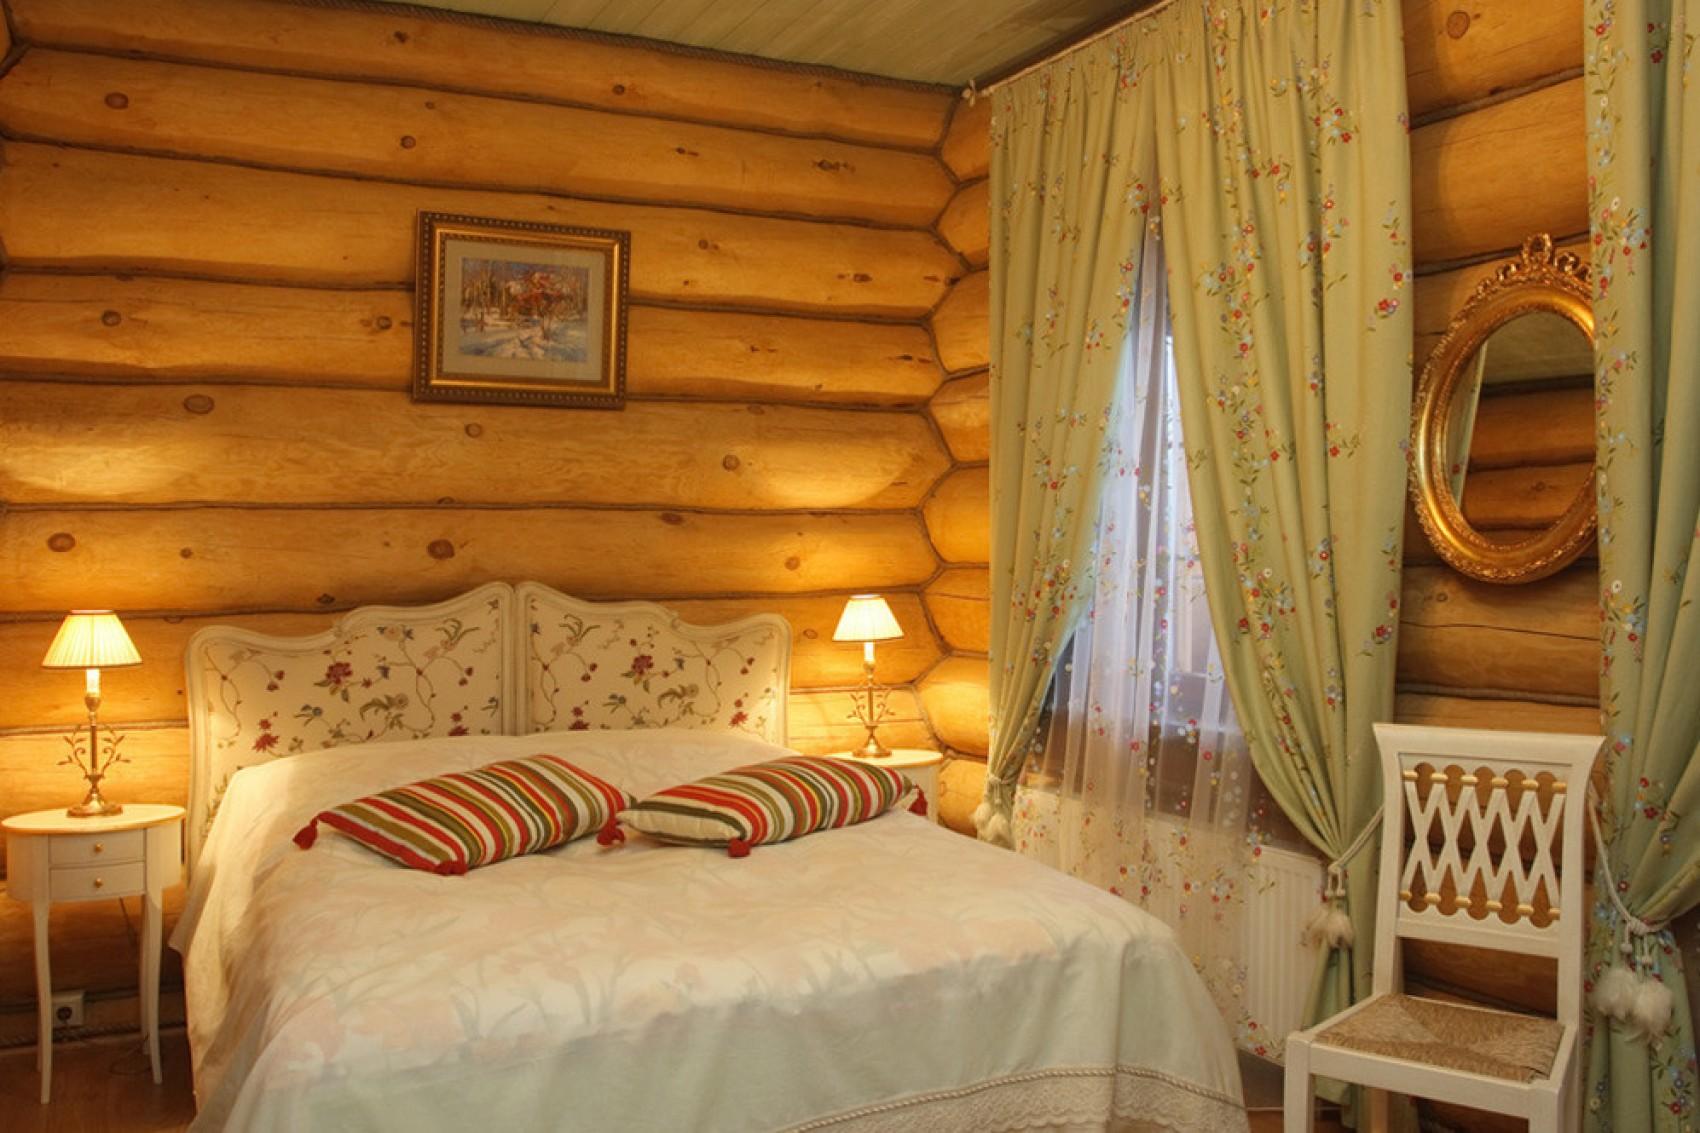 Кровать для загородного дома